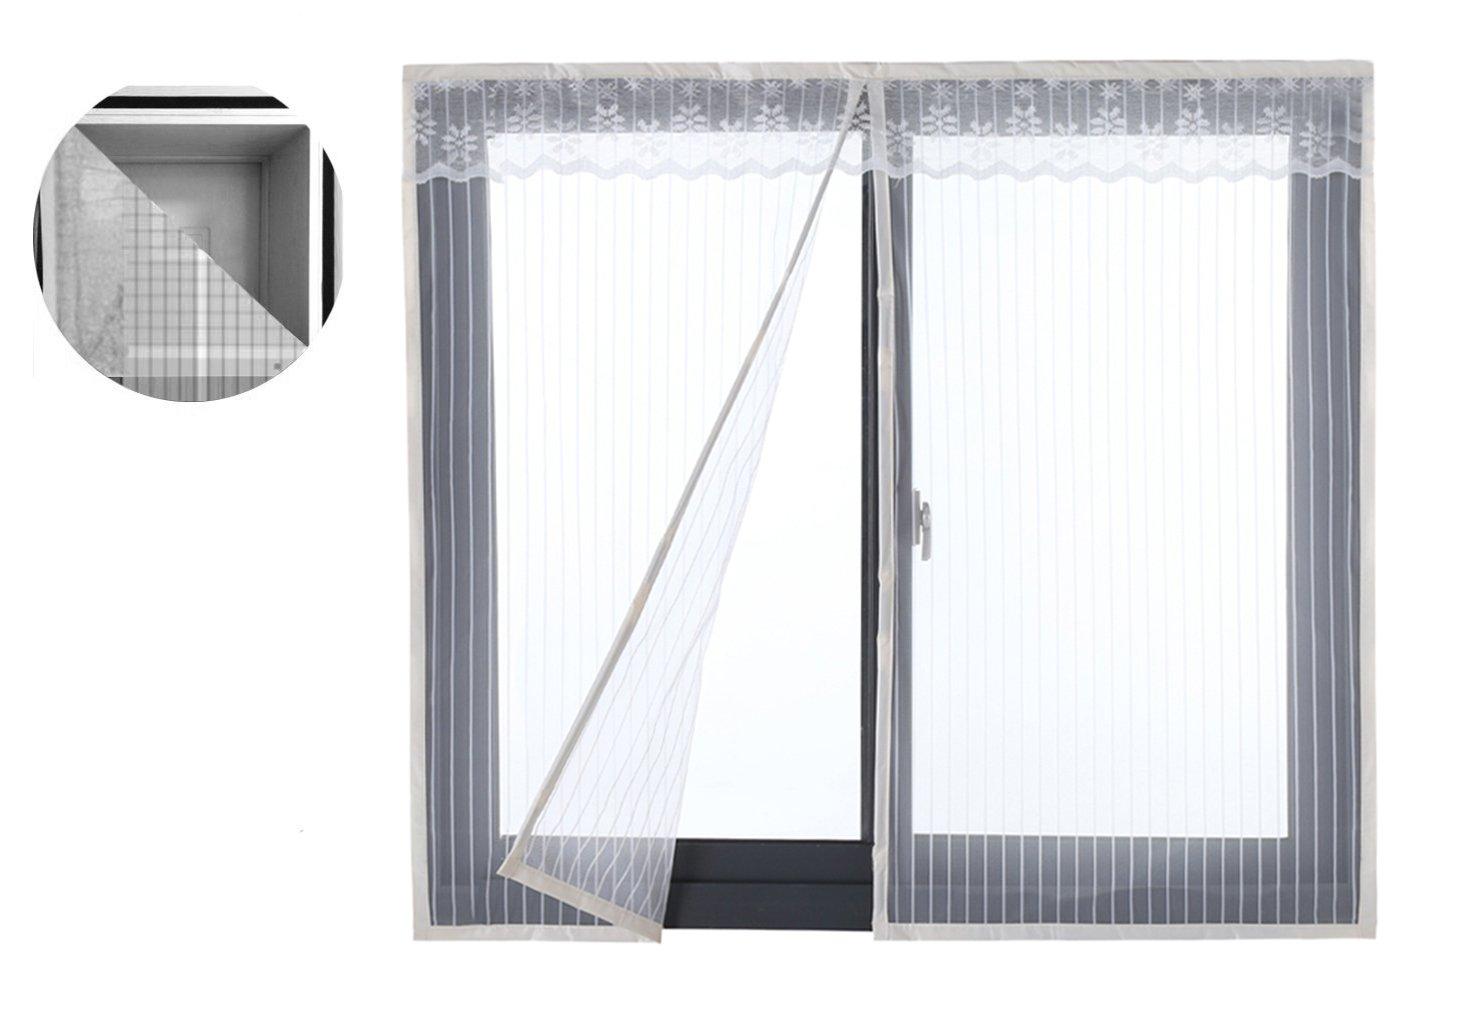 Liveinu Moustiquaire de Porte Ou Fenetre Magnetique Rideau Moustiquaire De Porte Avec Aimants Gris 110x150cm ISA-MRTM-MS-80651-1-3-(110x150cm)